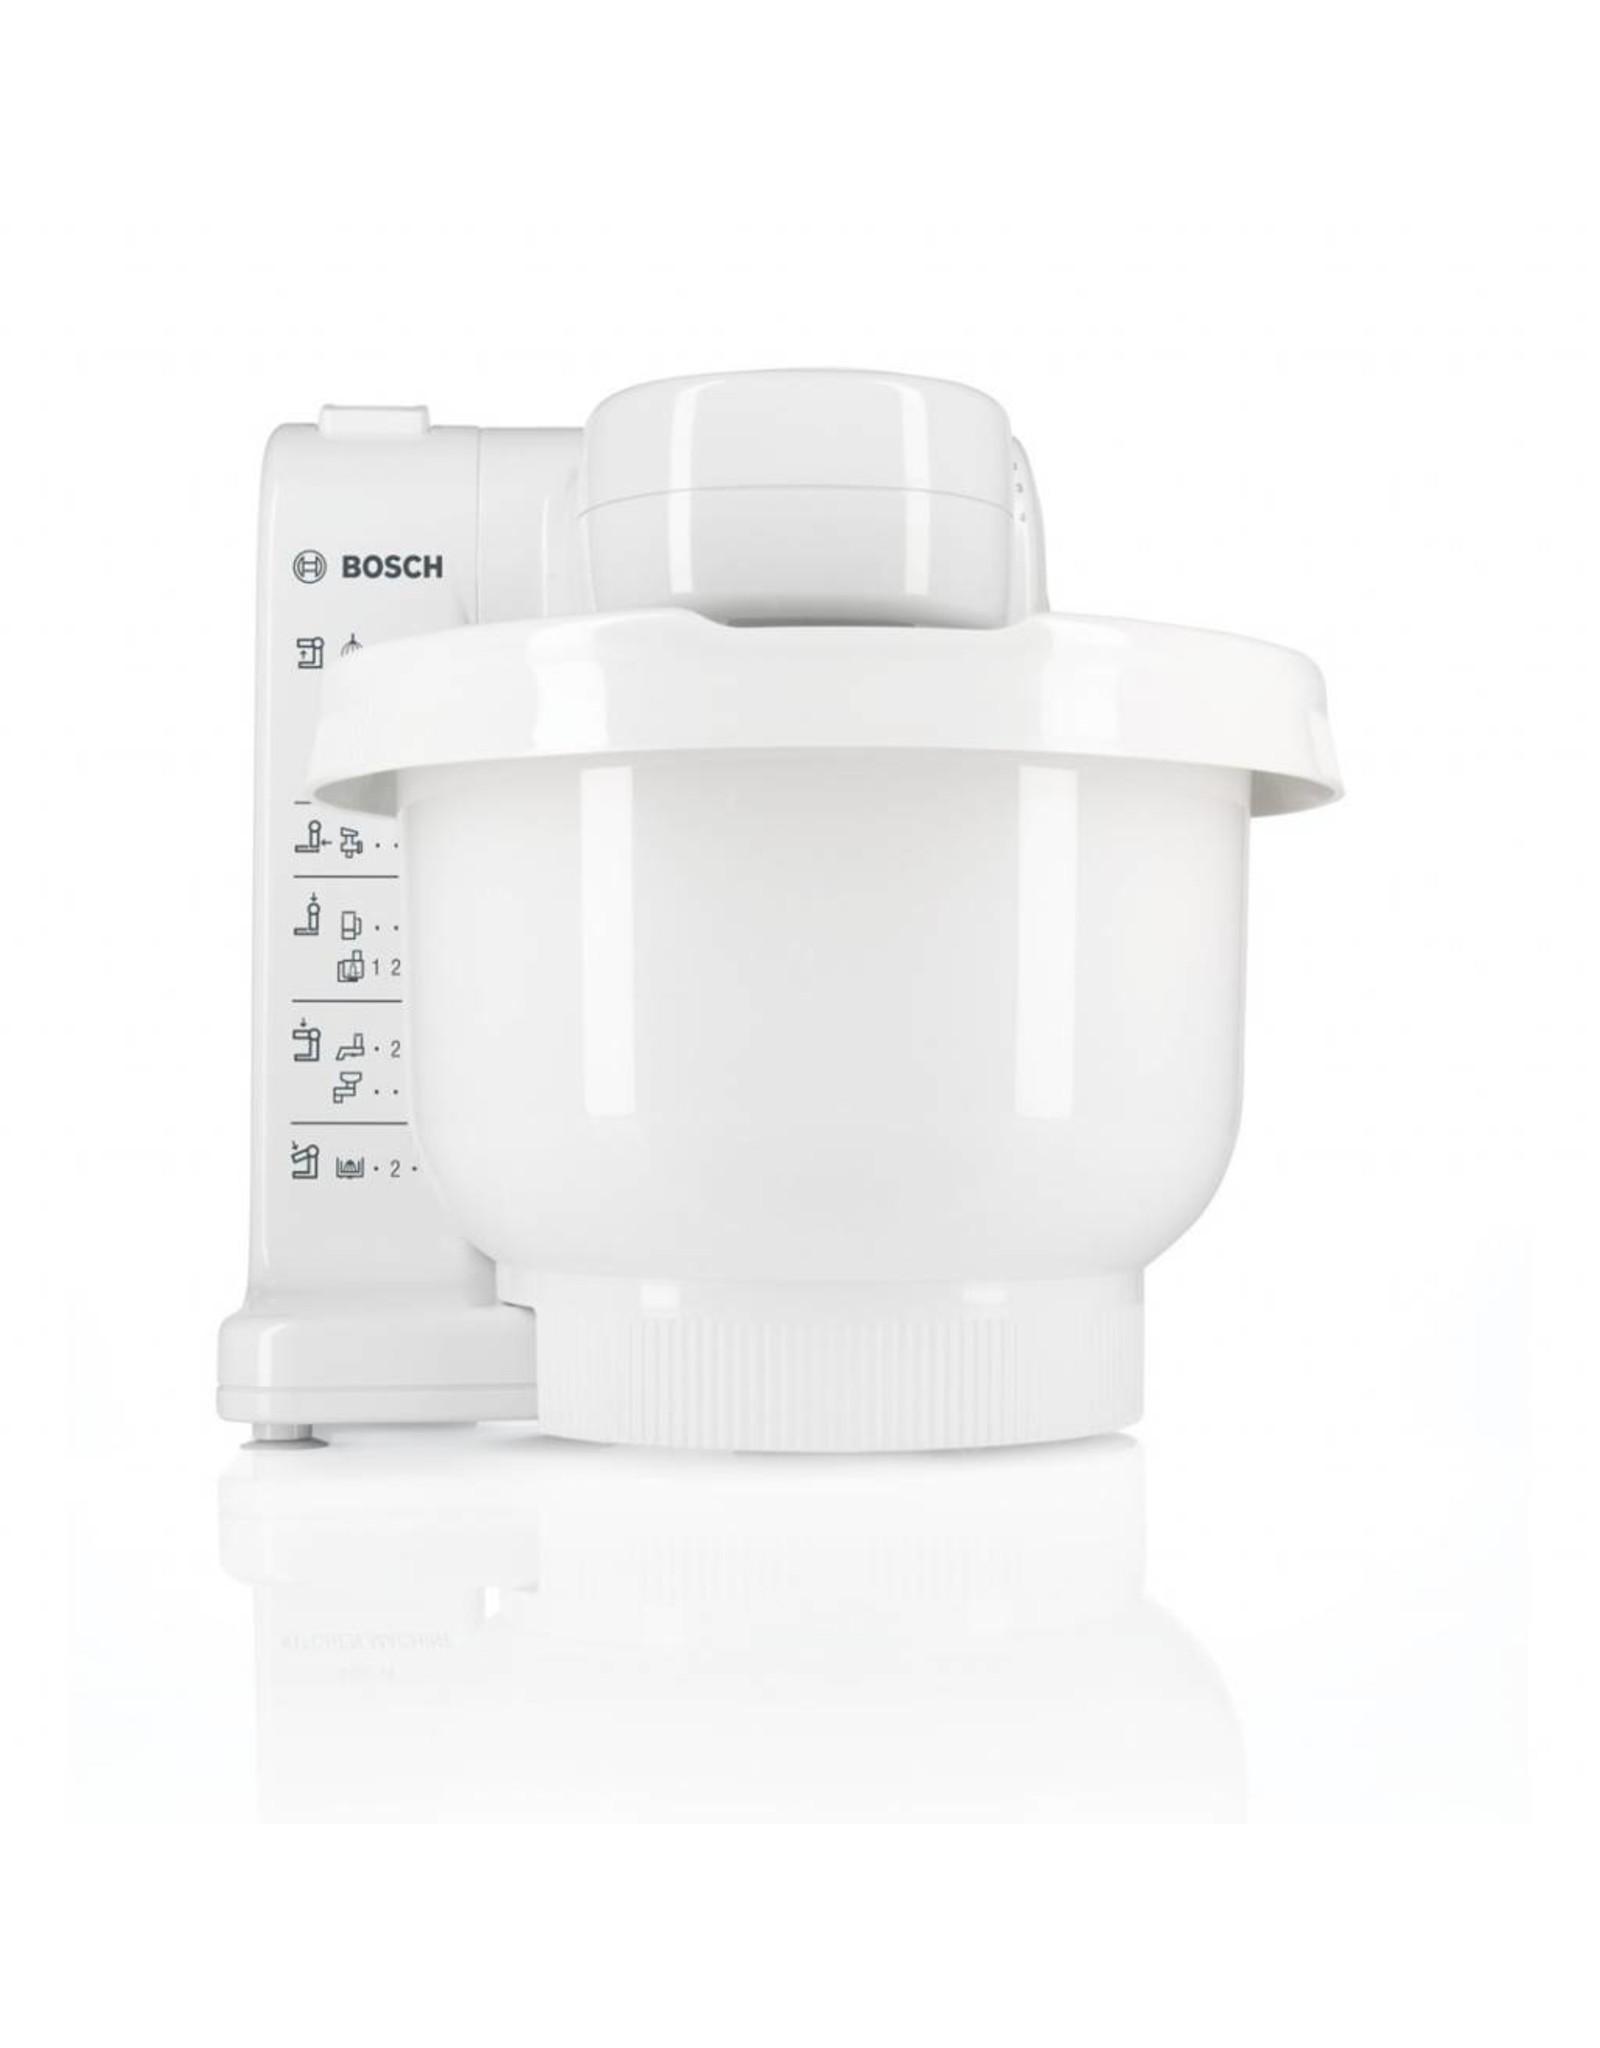 Bosch Bosch MUM4427 keukenmachine